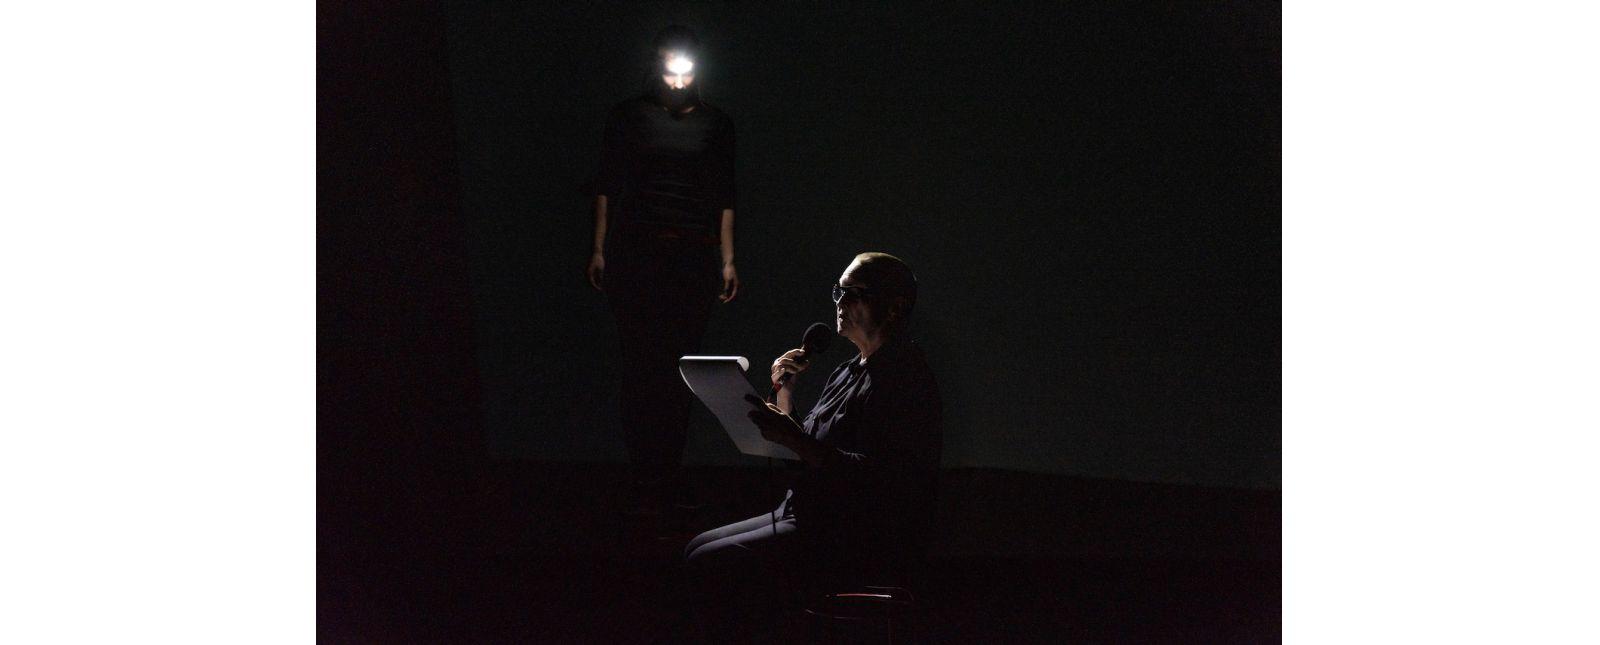 AUF KLINGEL //  Hannah Ganter / Margarethe Mehring-Fuchs // 2021 // Foto: Britt Schilling